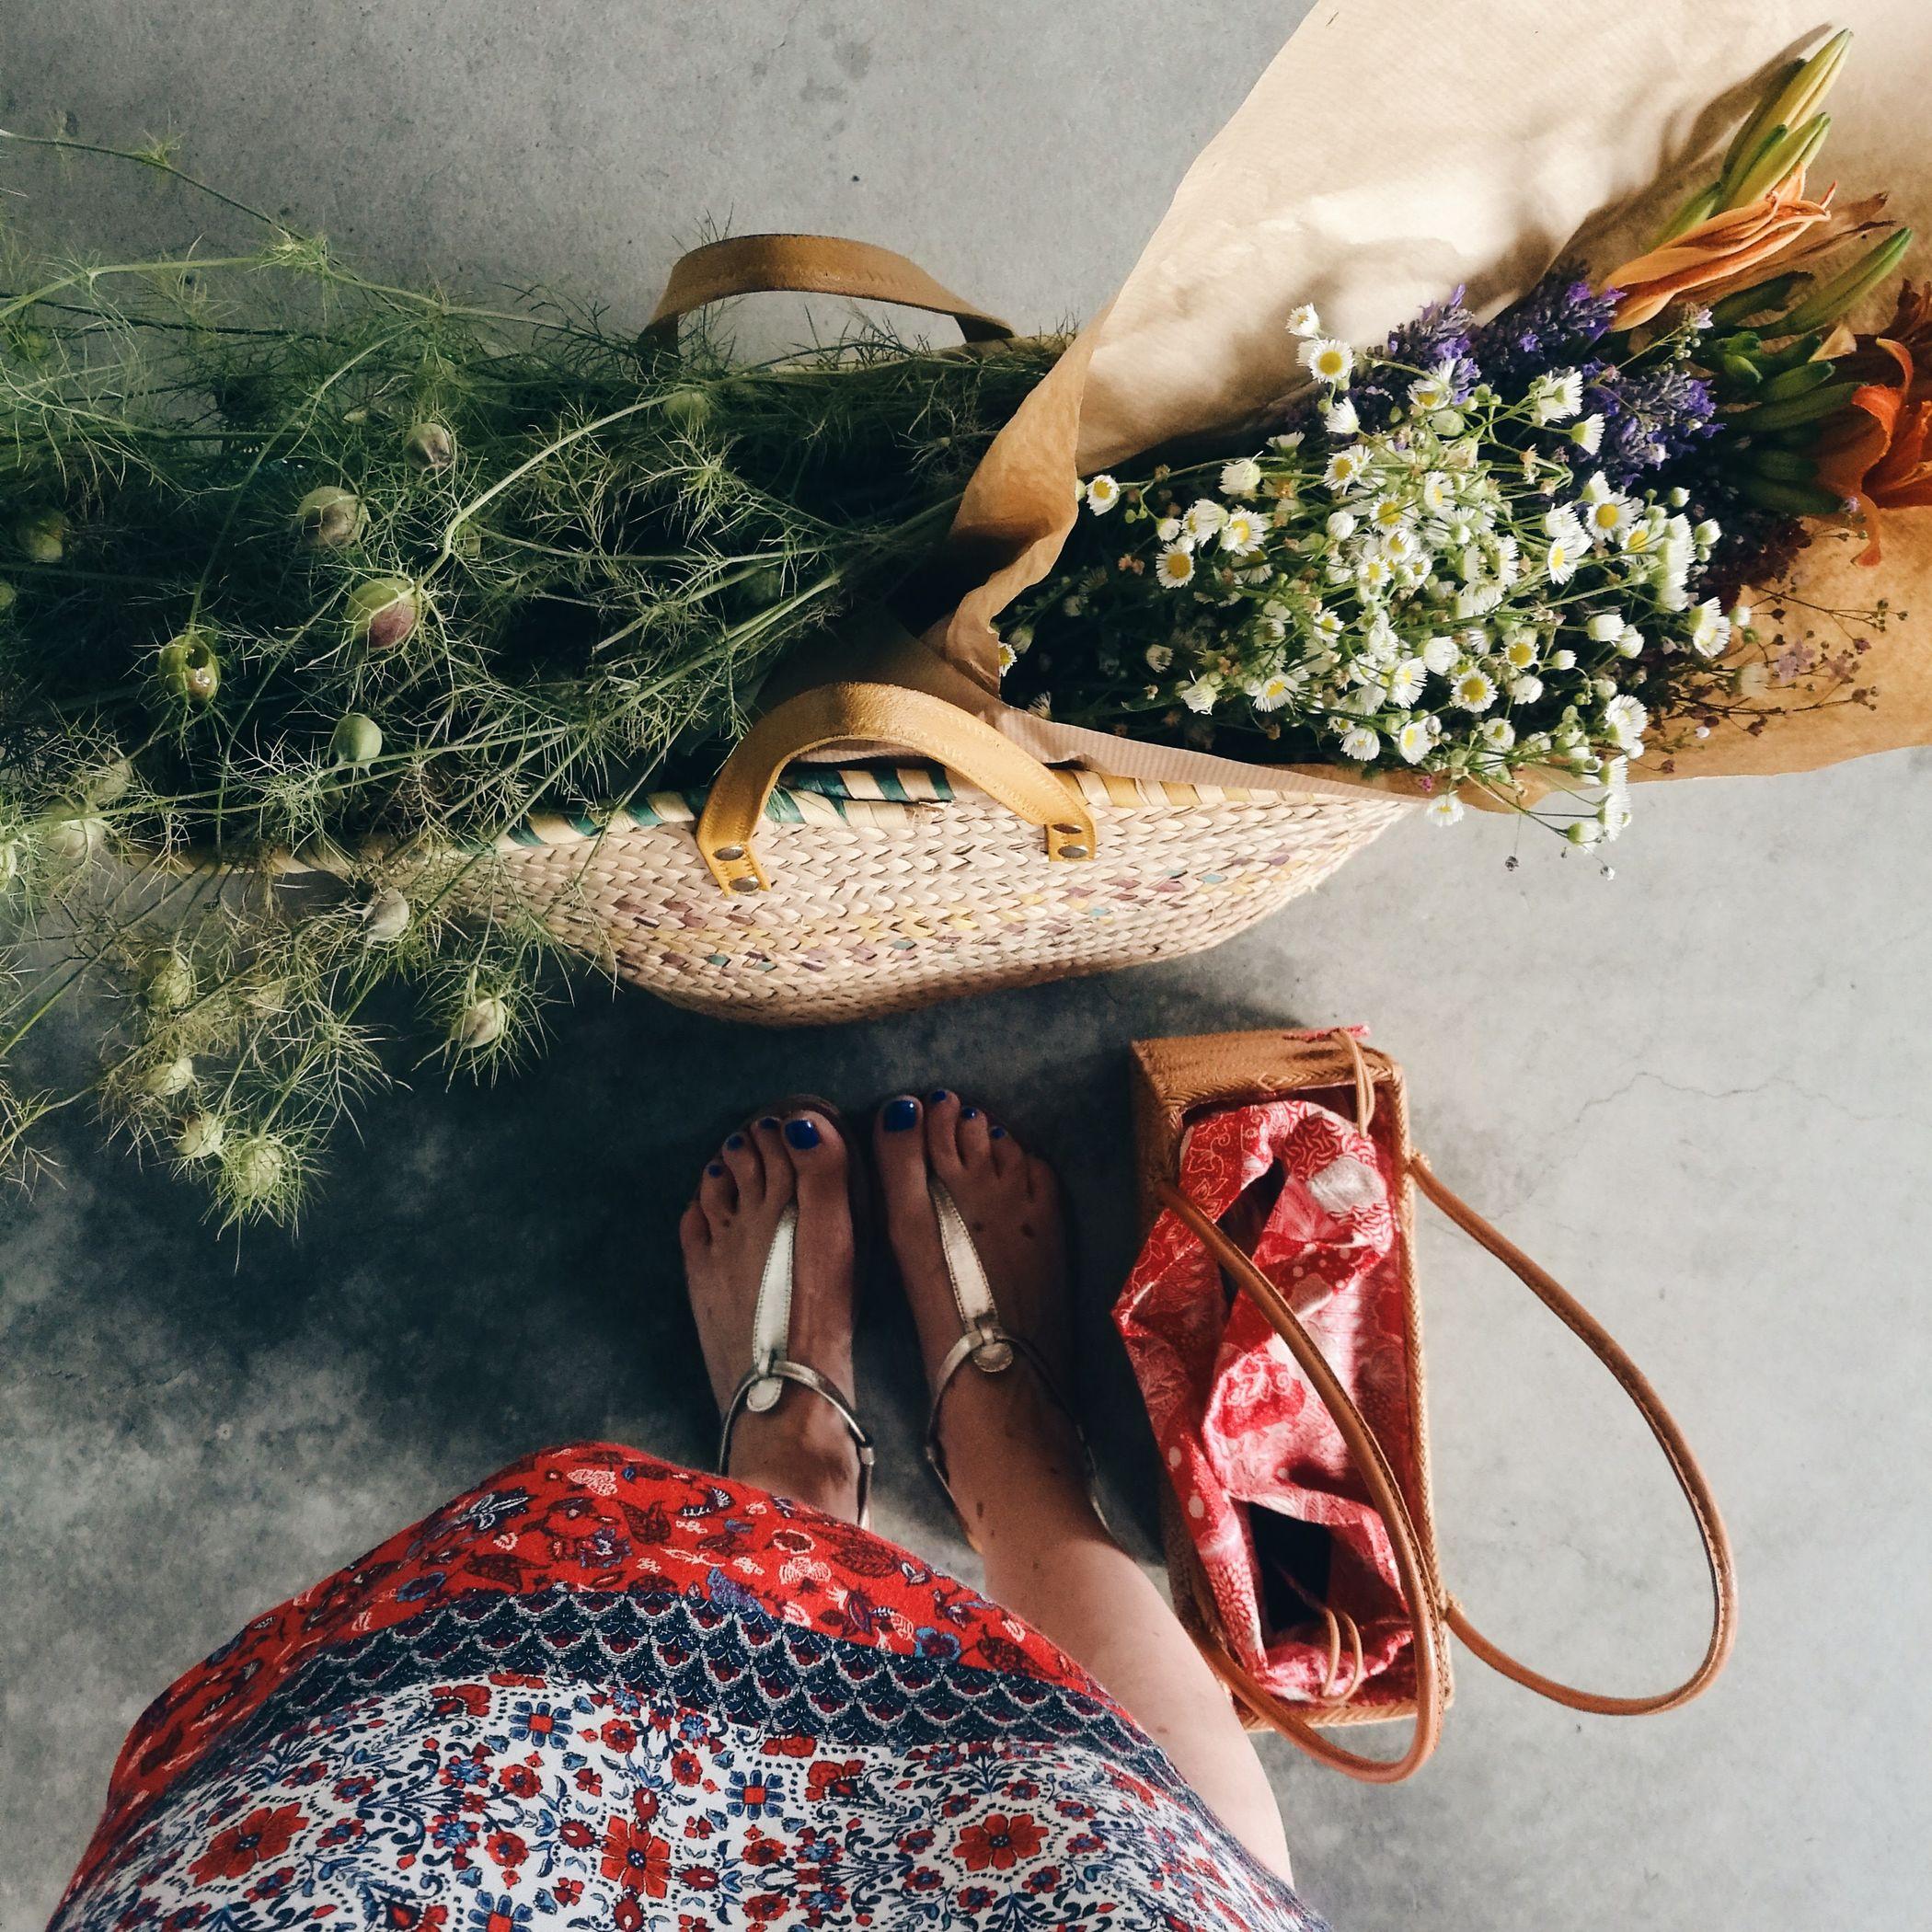 blossom zine dana frigerio a gressoney artemisia 16 (2)